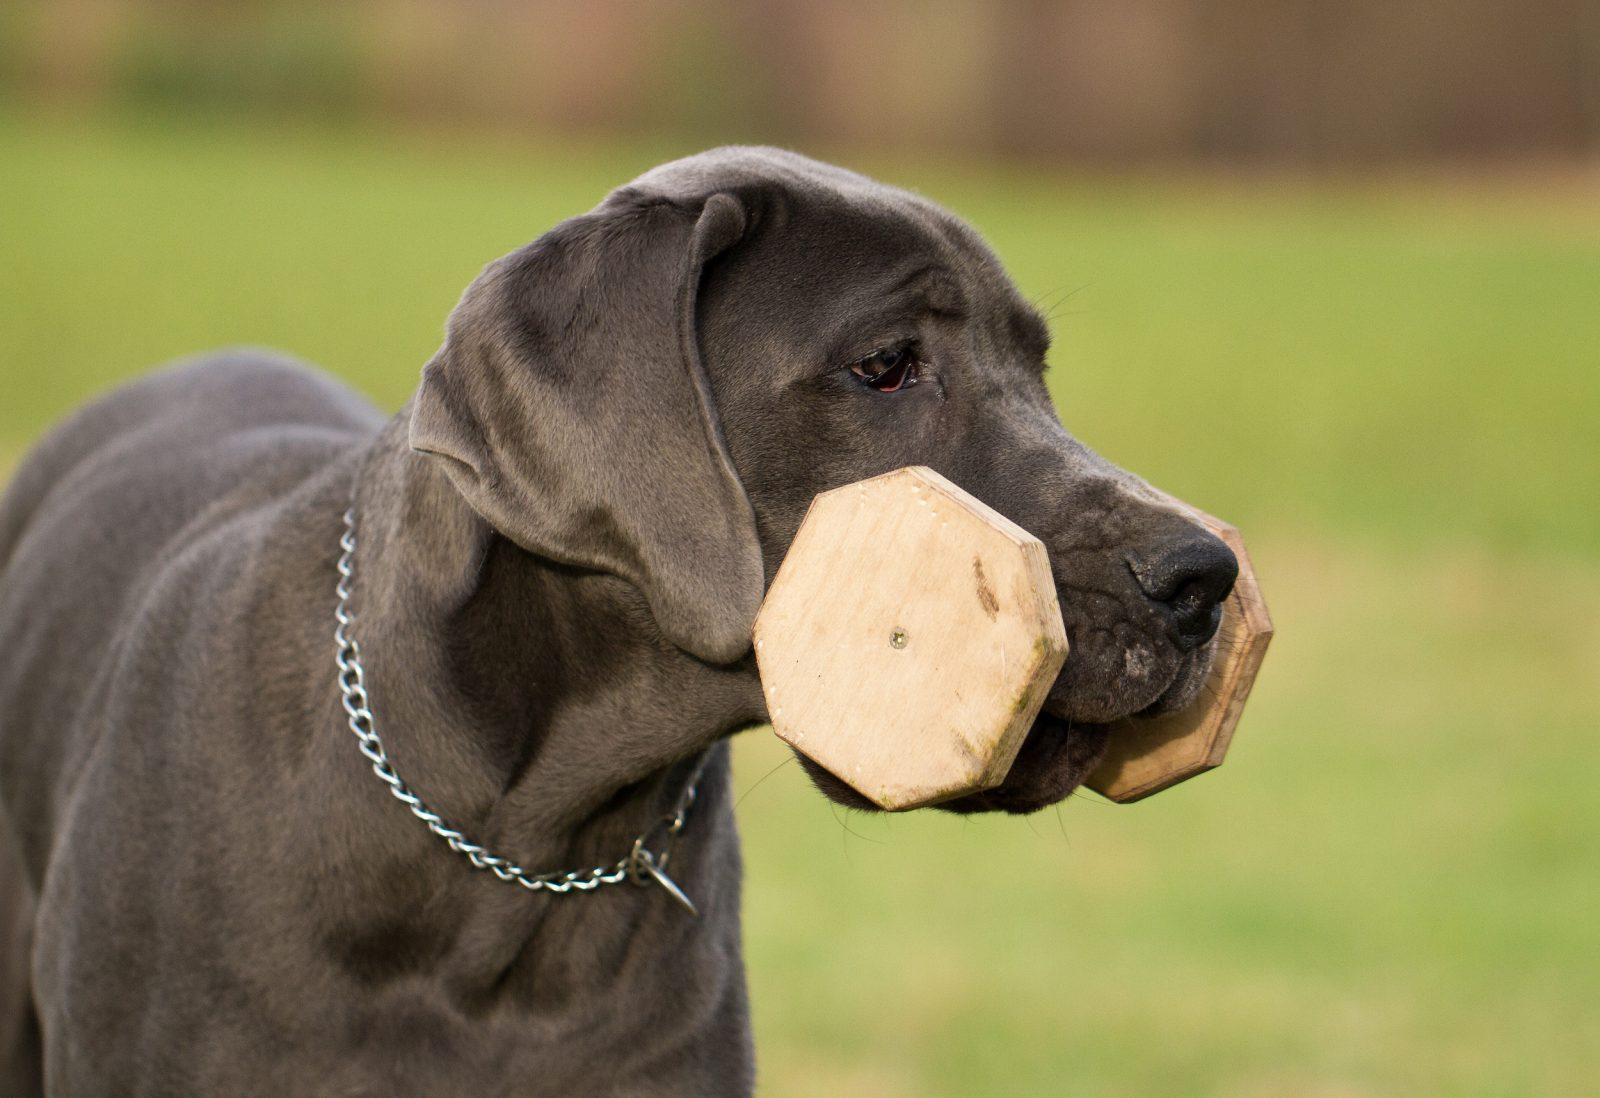 Tipos de Brinquedos para cachorros: Labrador com brinquedo de madeira na boca.